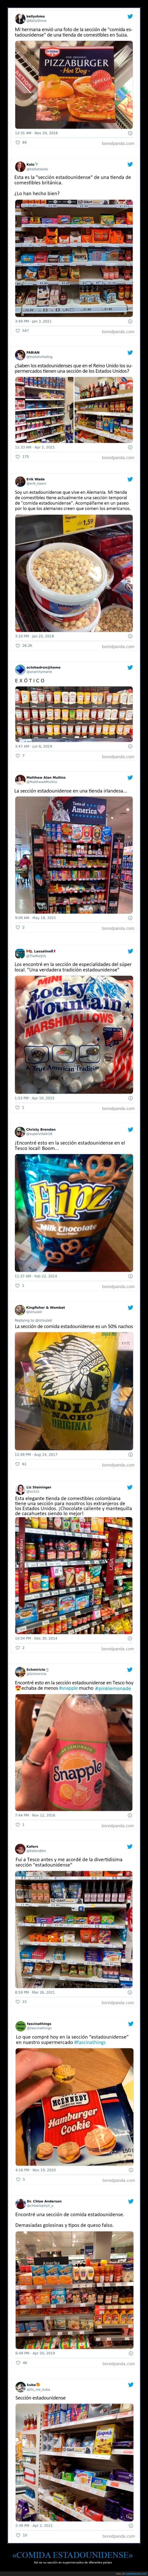 comida,eeuu,países,supermercados